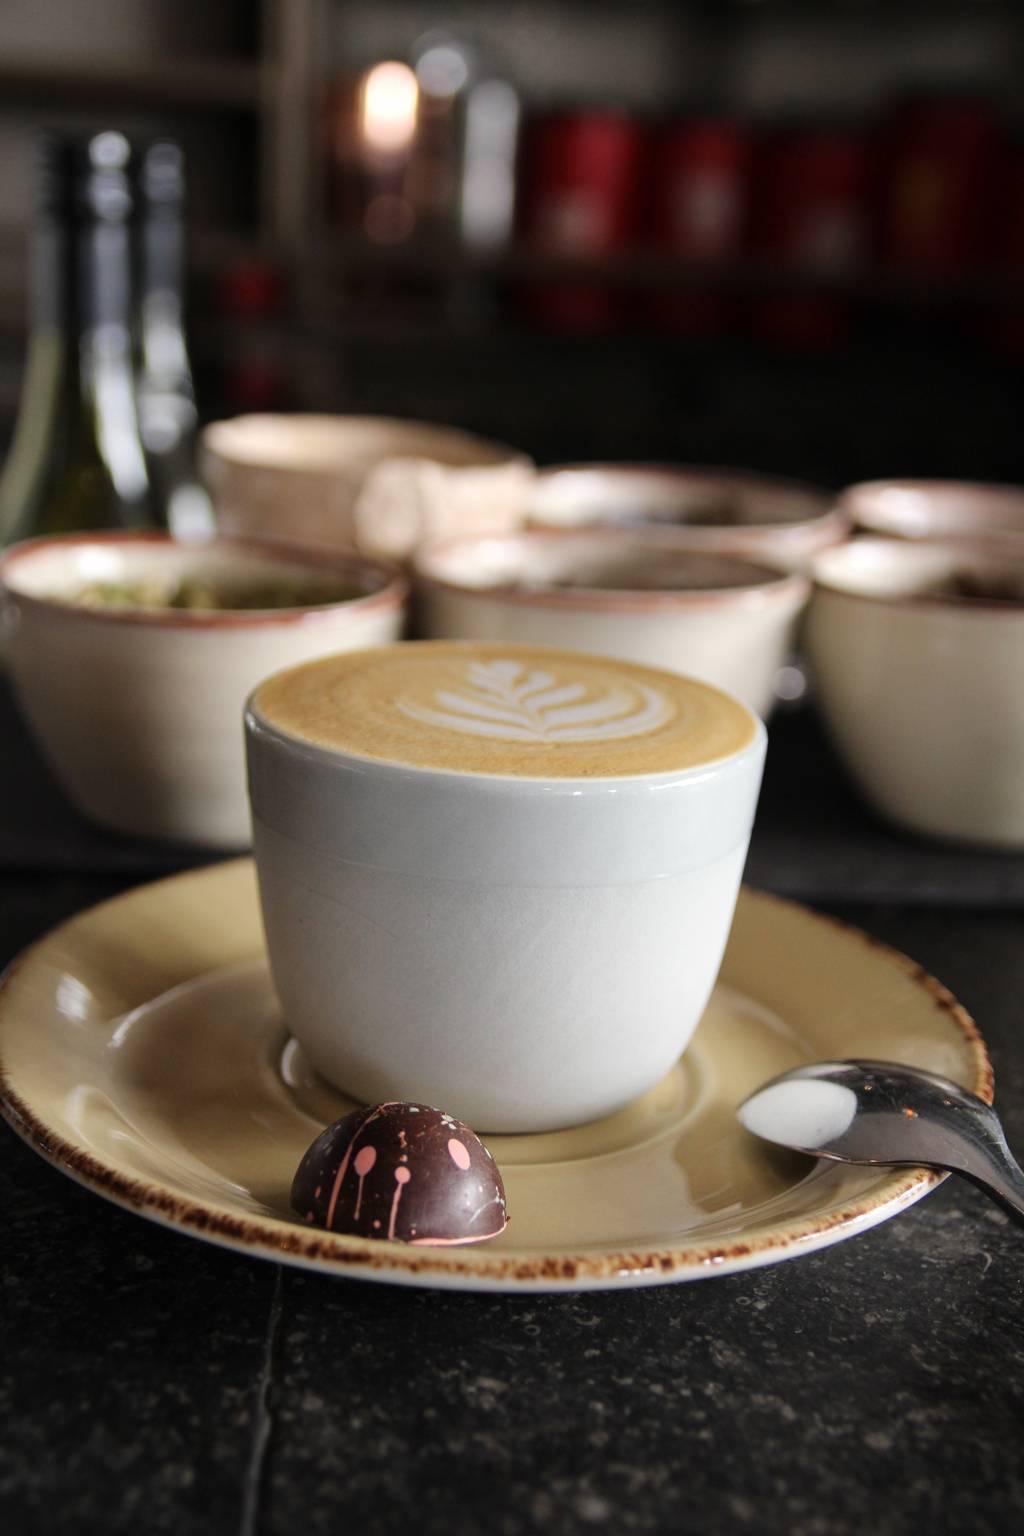 Как должна выглядеть идеальная чашка для кофе?